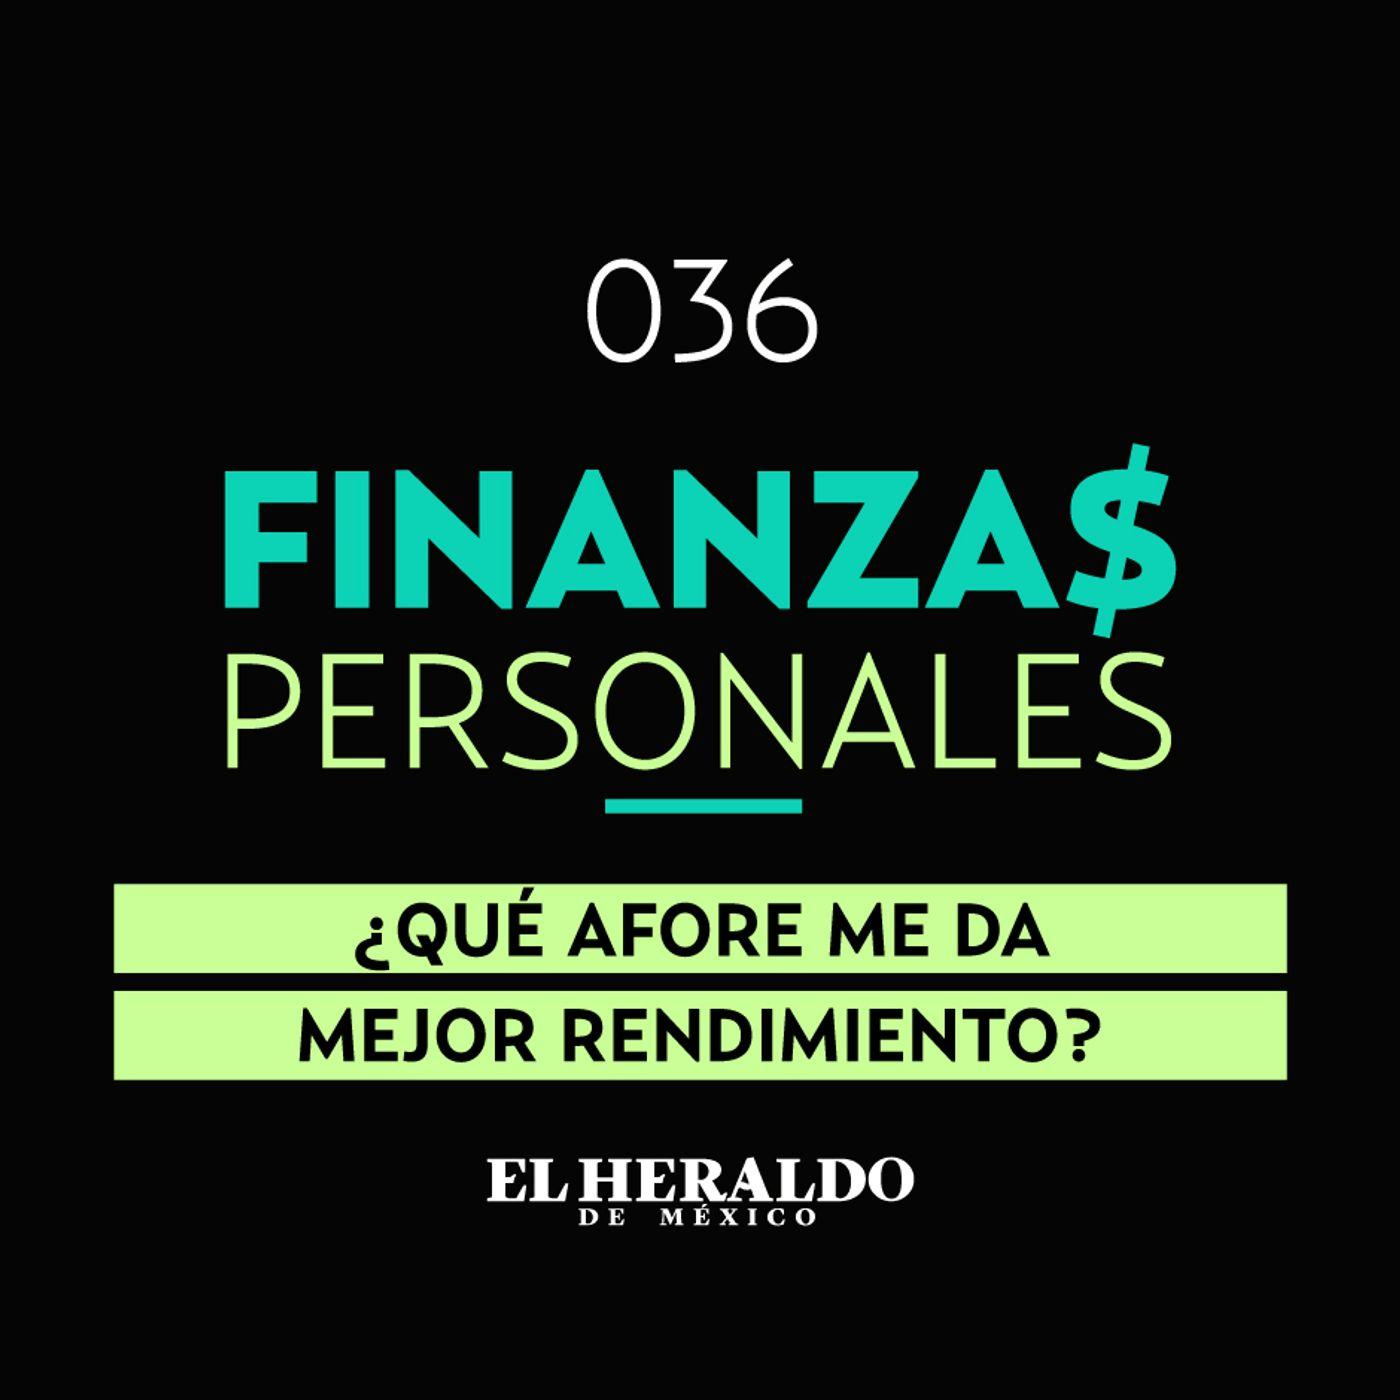 Afore | Finanzas Personales: los mejores Afores según su rendimiento